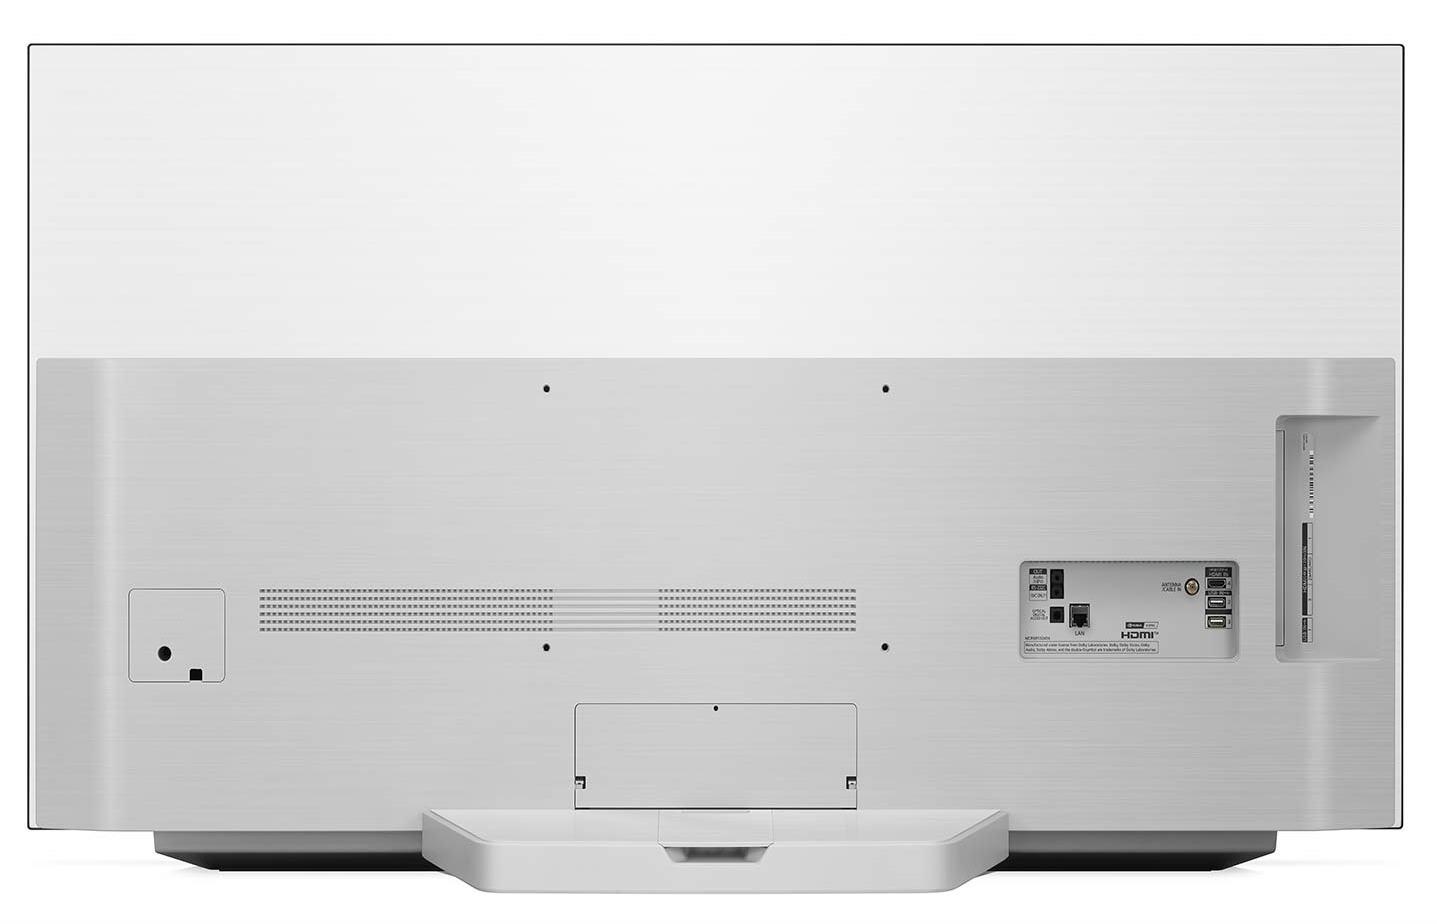 טלוויזיה 77 אינץ' דגם OLED 77C1PVA  בטכנולוגיית LG 4K Ultra HD אל ג'י - תמונה 7